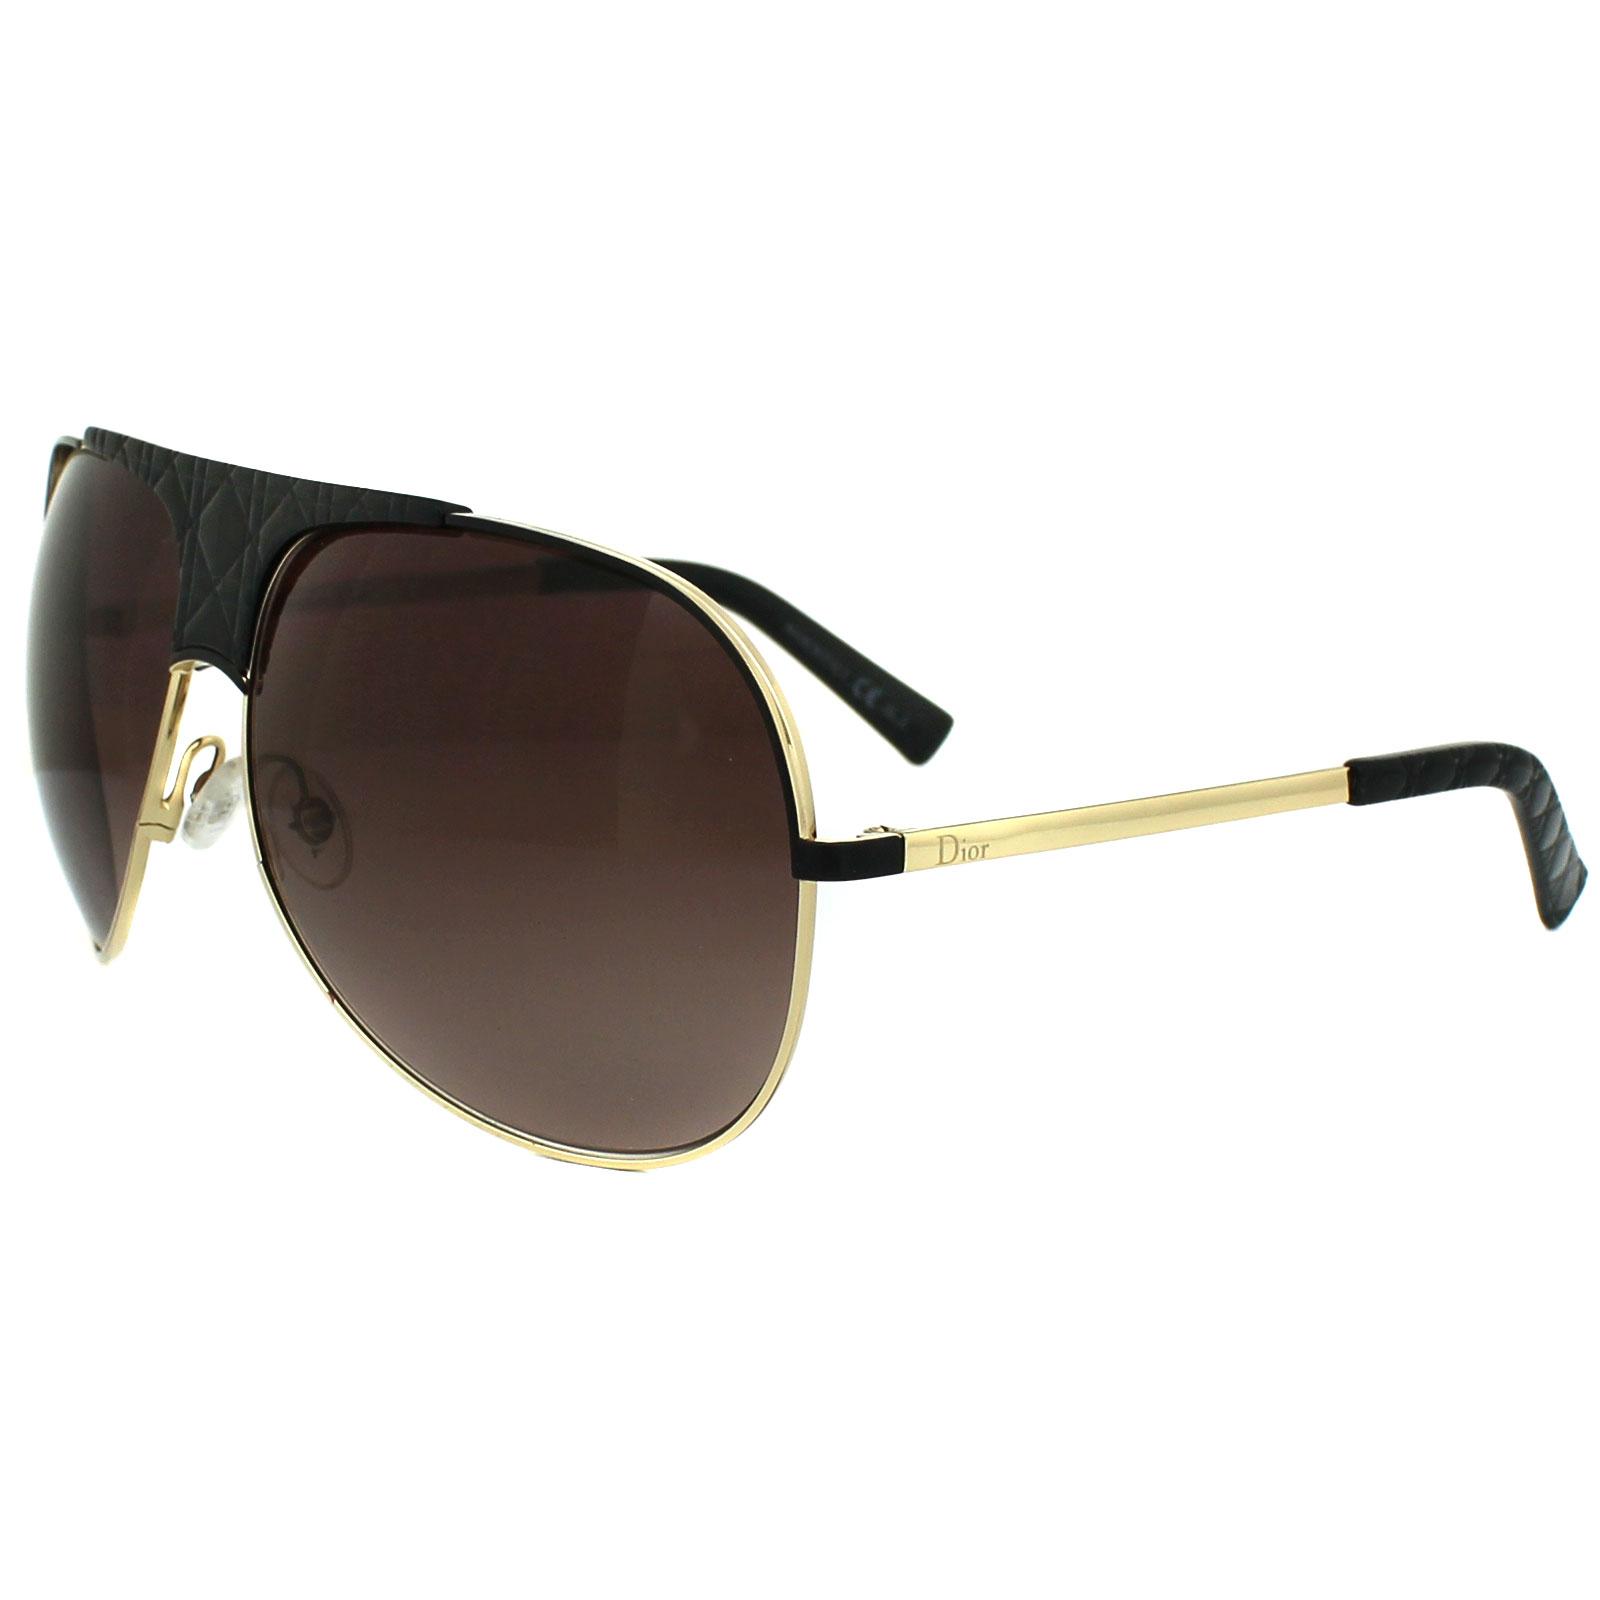 1ff78b9d2fe8 ... EYEGLASSES CD3681 BLACK MATTE DRK HORN ITALY NEW Dior Rimless  Sunglasses